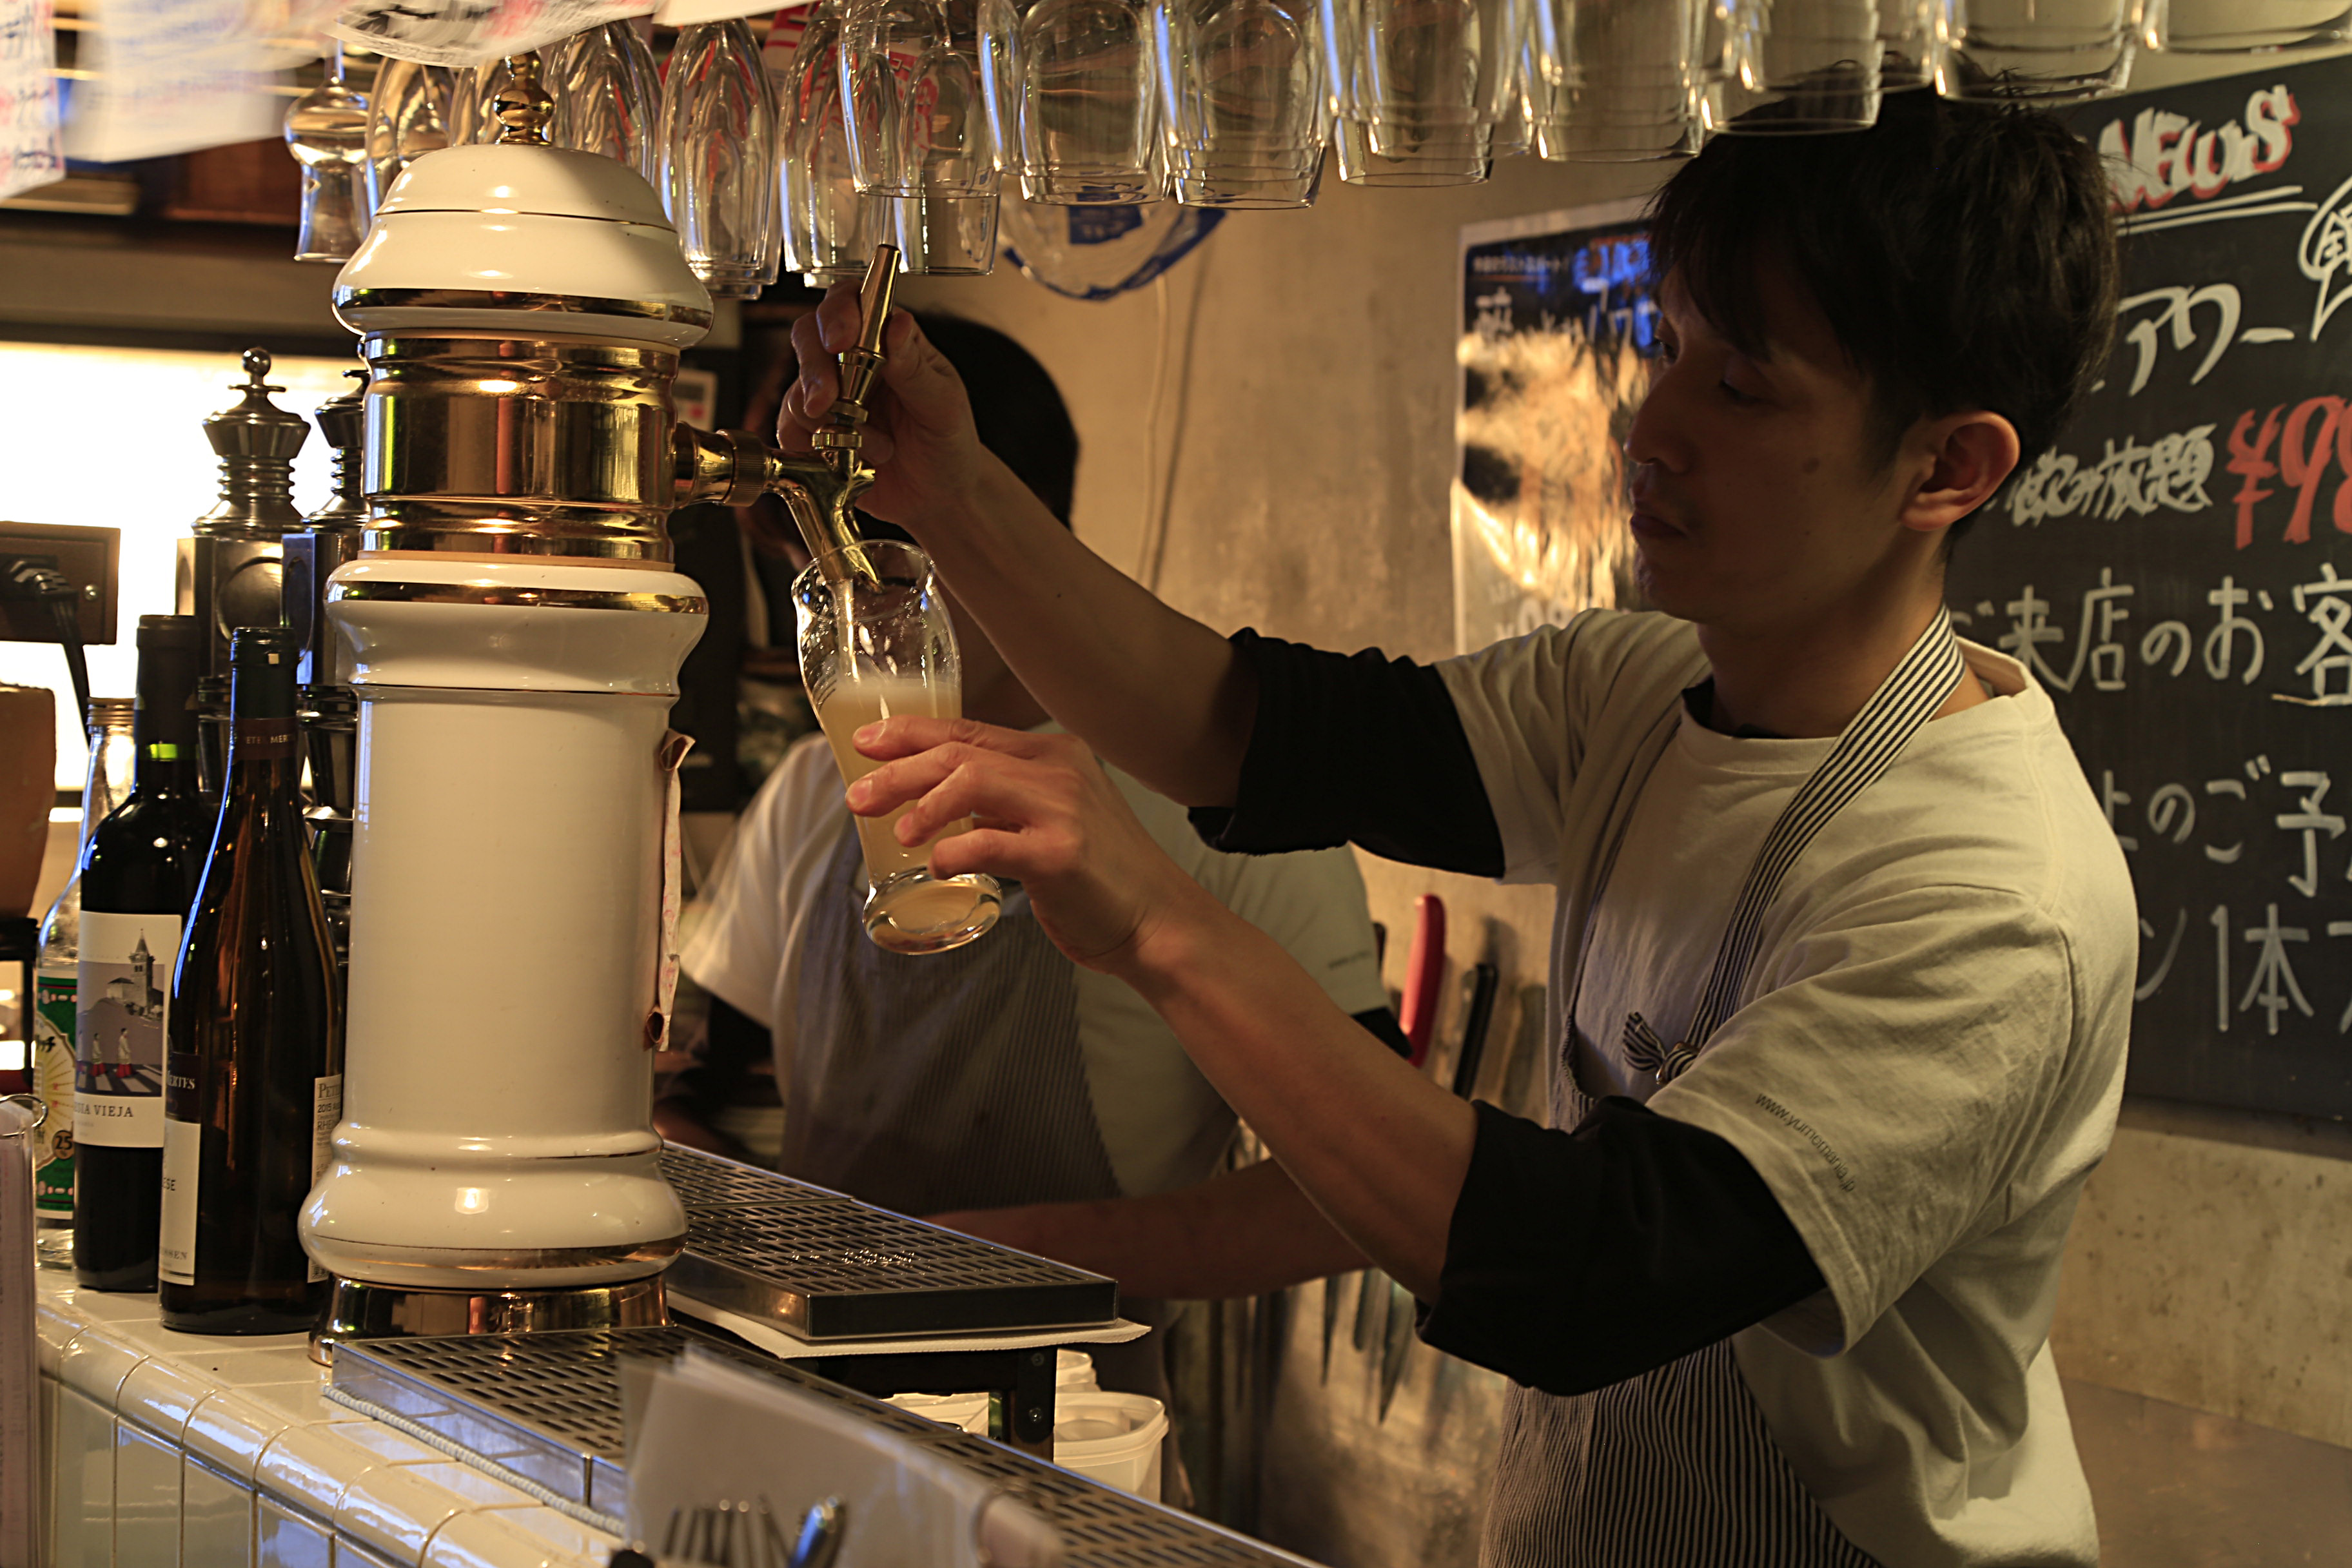 【BRASSERIE LE ZINC】プレミアムビール3種飲み放題開始&酔いどれアワーのお知らせ